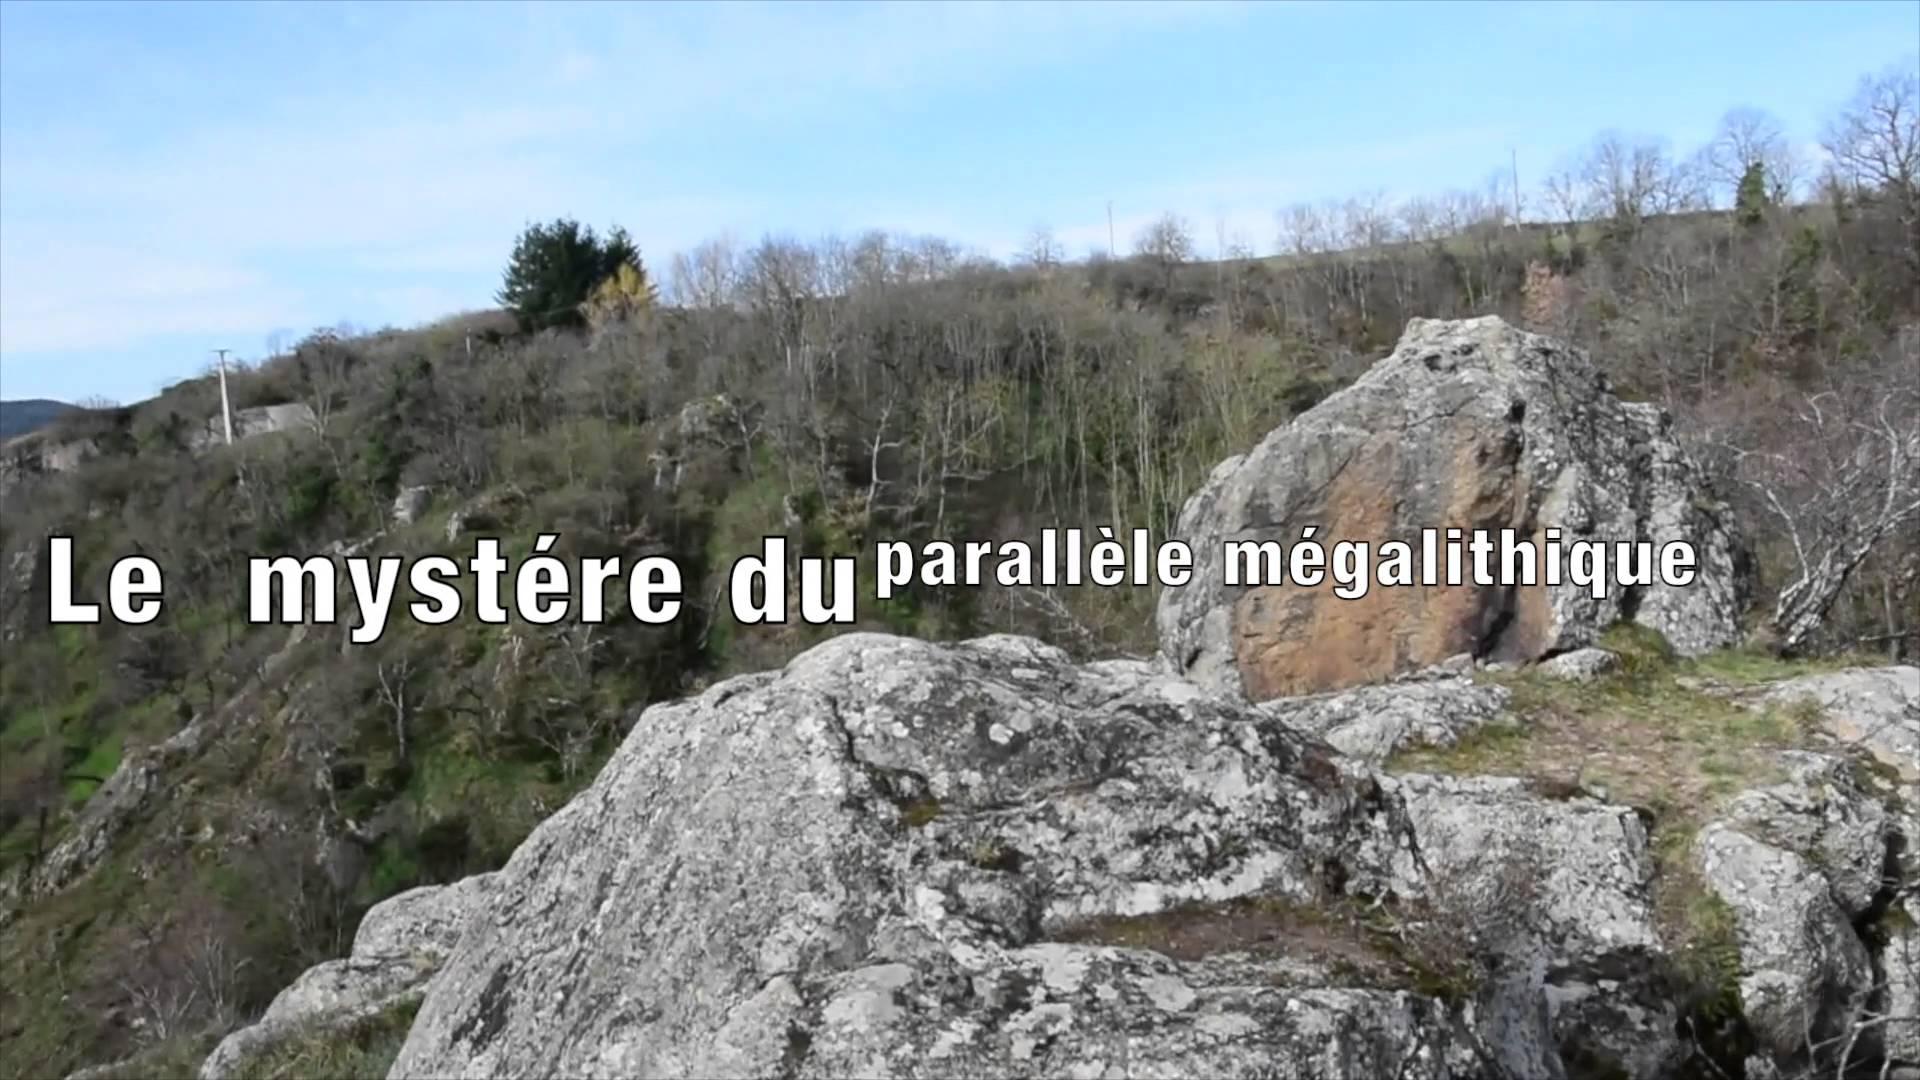 TEASER DE LA PROCHAINE VIDÉO : LE PARALLÈLE MÉGALITHIQUE